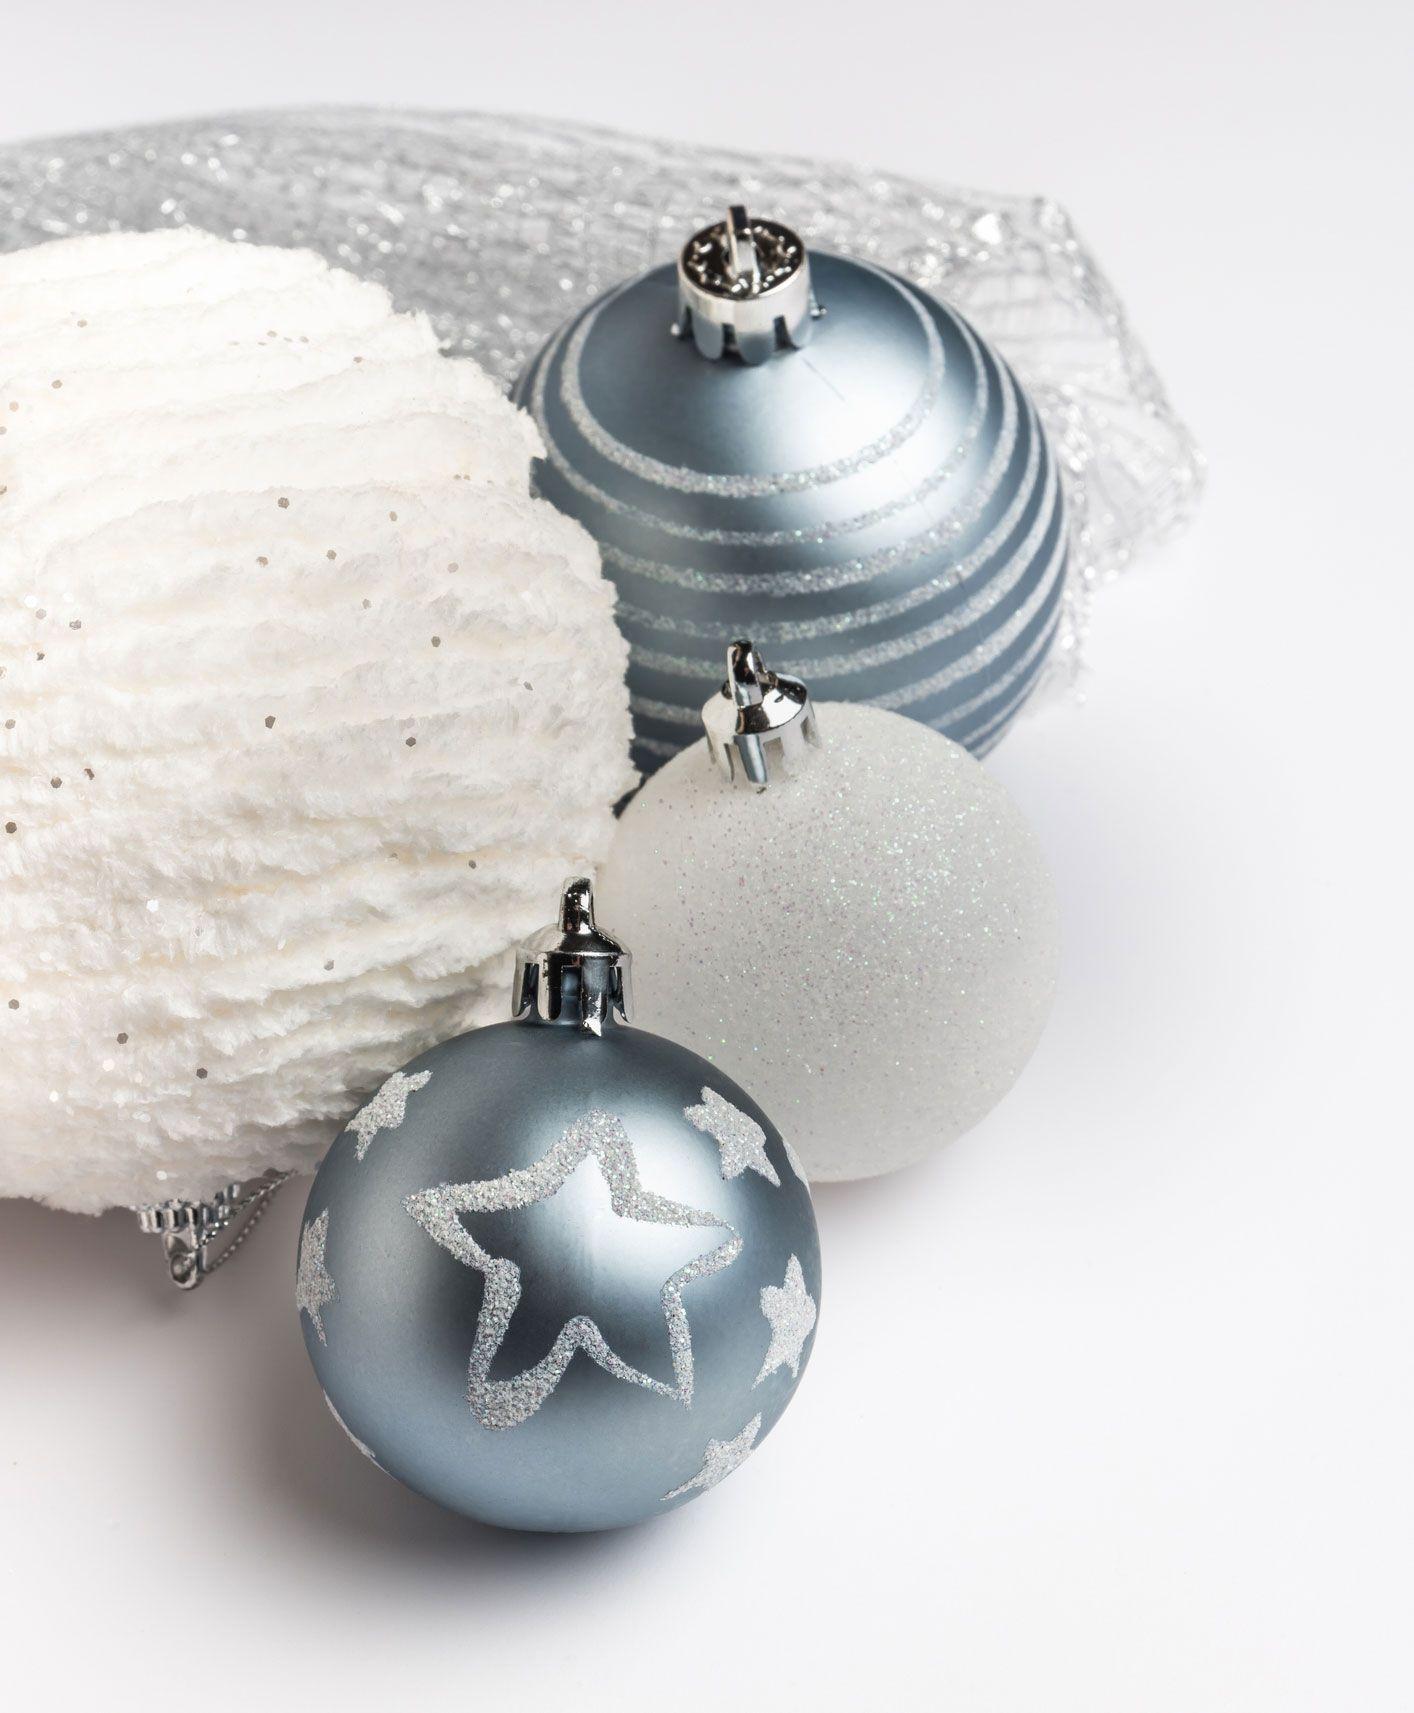 Boules pour décorer le sapin de Noël